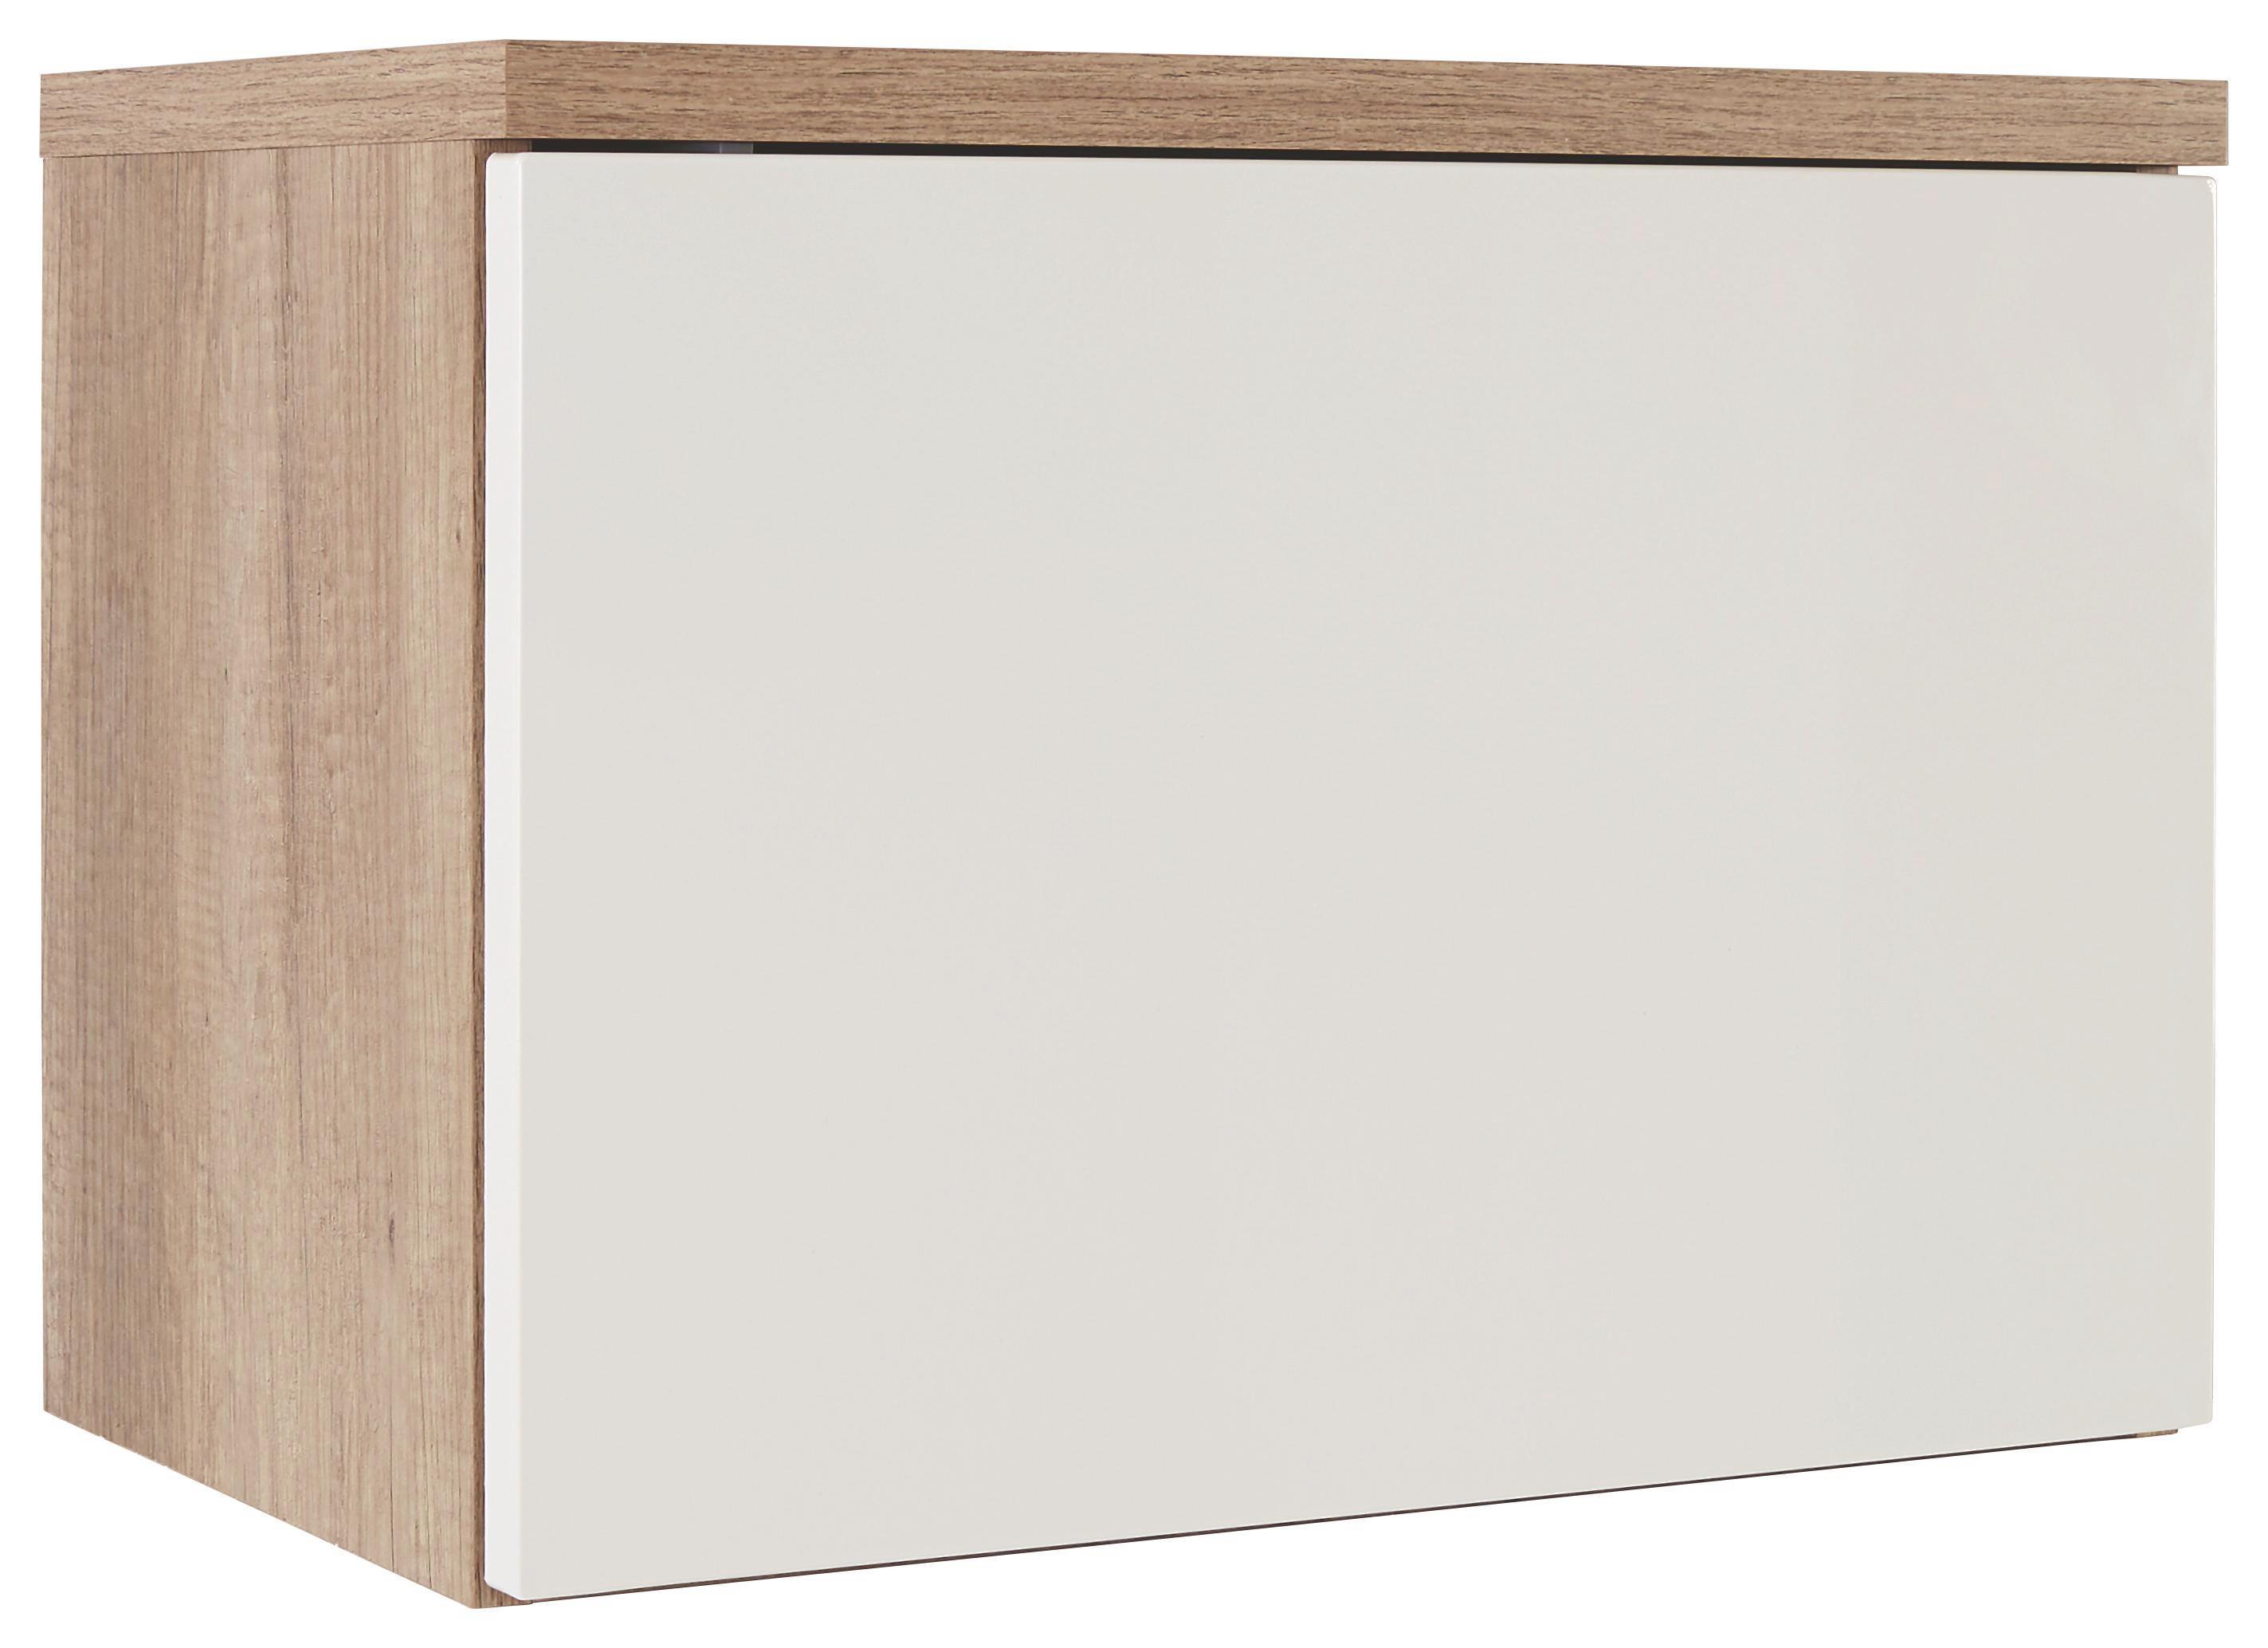 Előszoba Rátét Szekrény Space - tölgy színű/fehér, modern (55/40/35cm)